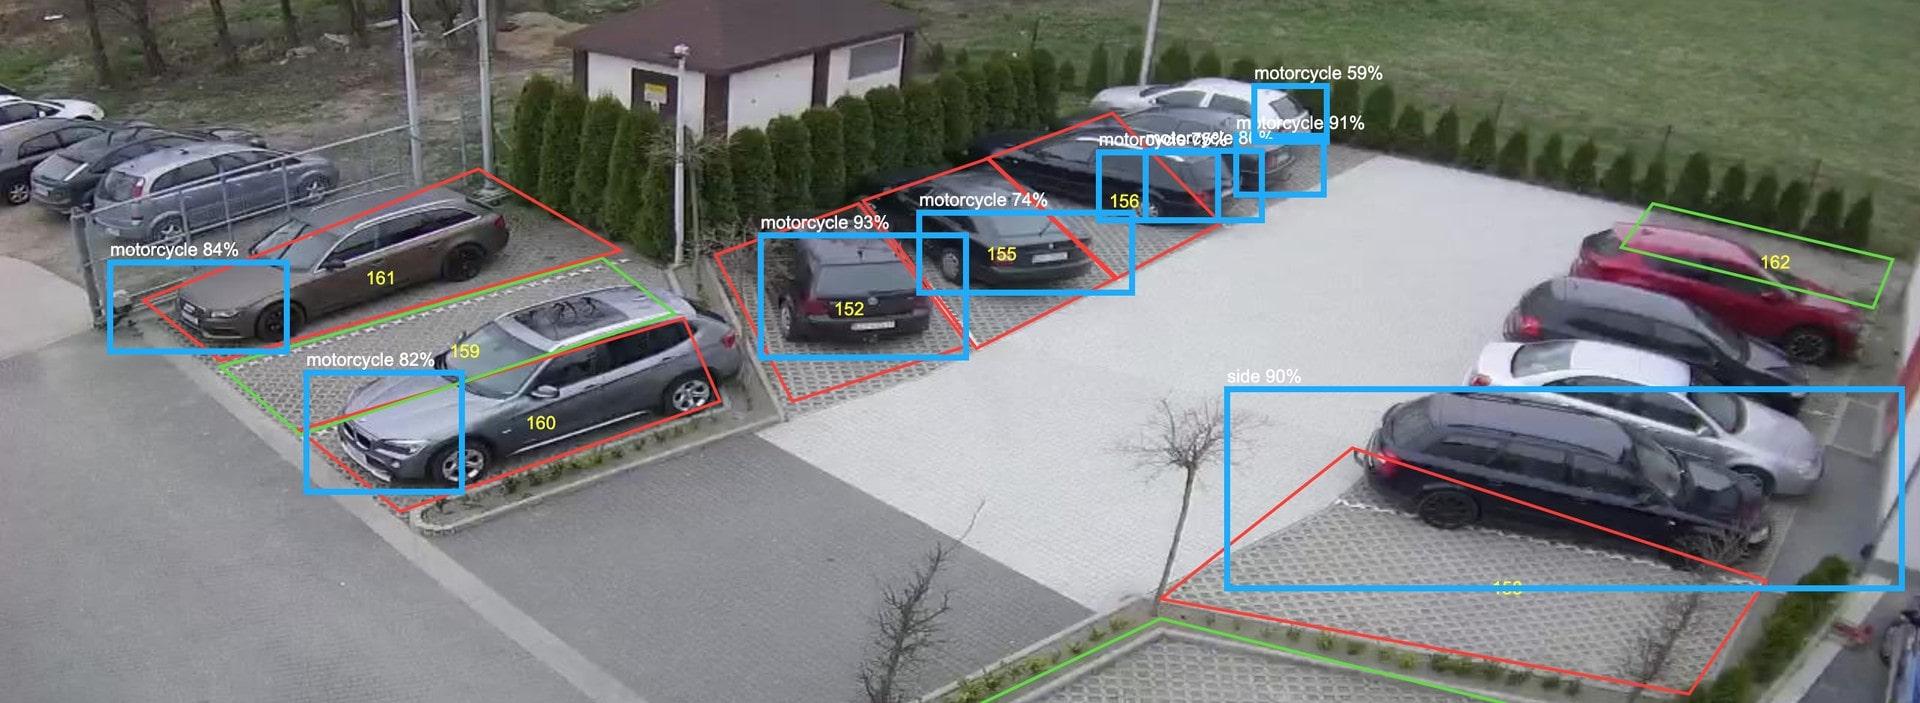 widok na parking intellect